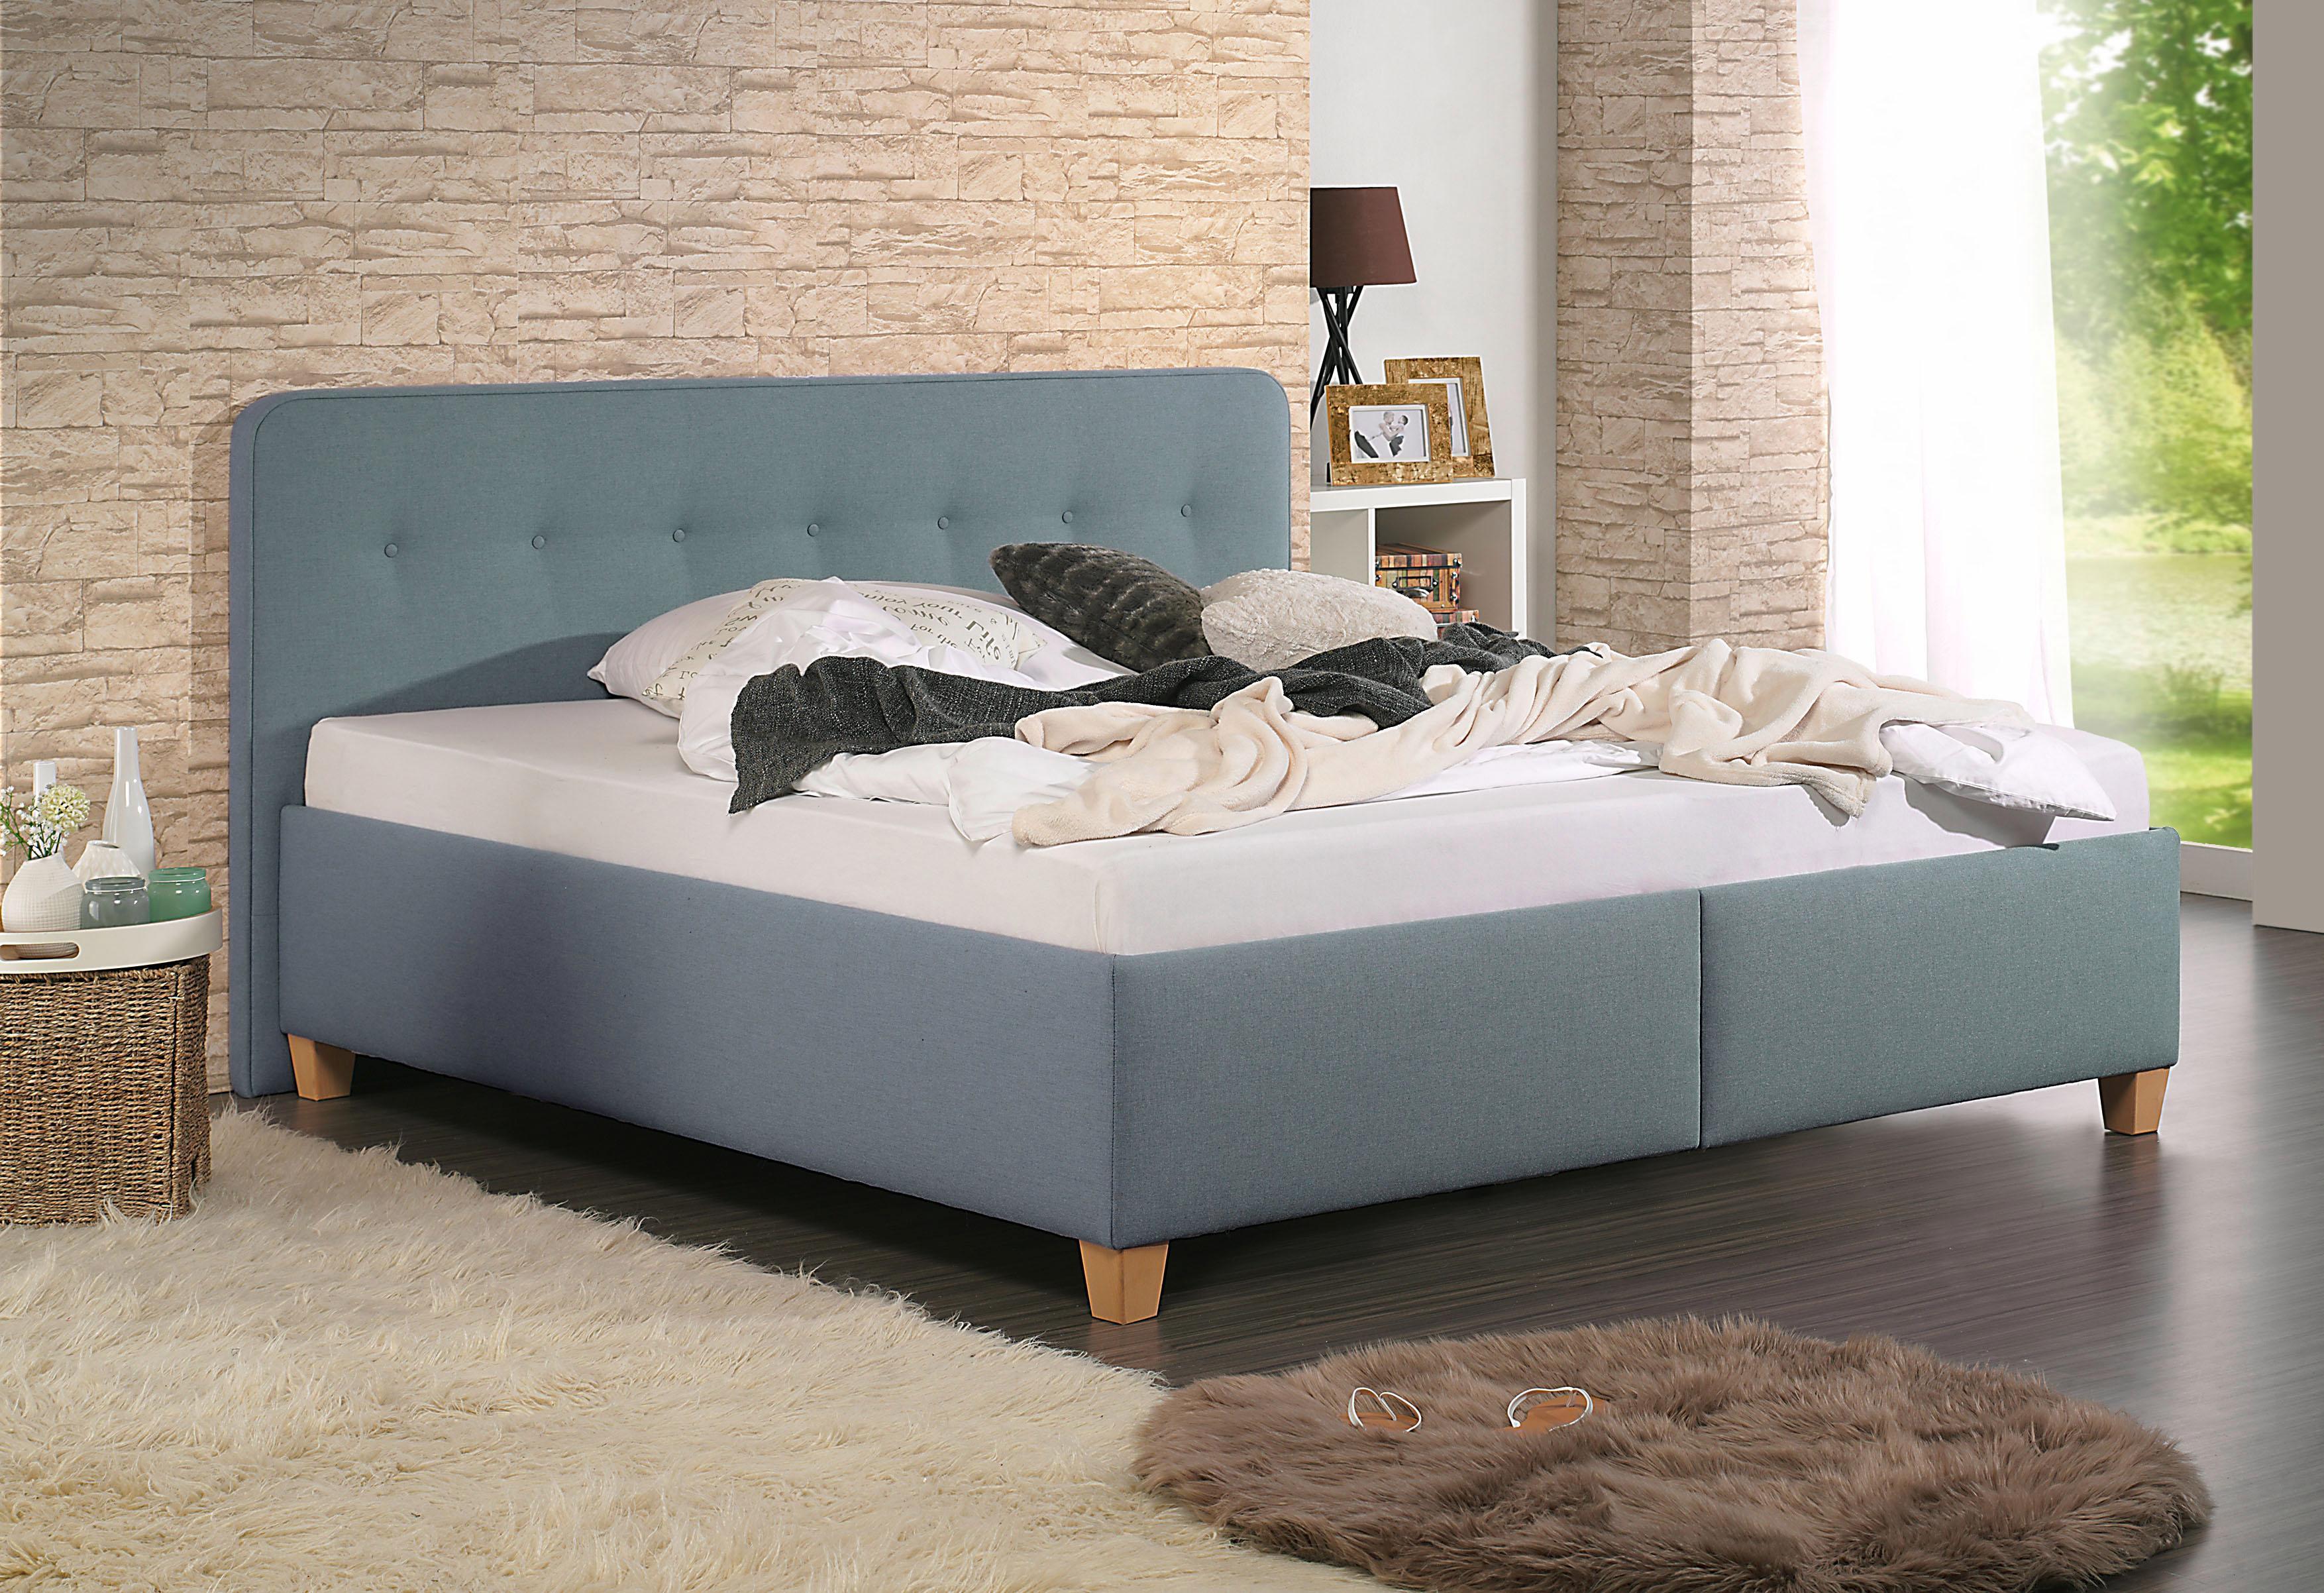 Home affaire Polsterbett Figaro | Schlafzimmer > Betten > Polsterbetten | Grün | Strukturstoff - Buche | Home Affaire